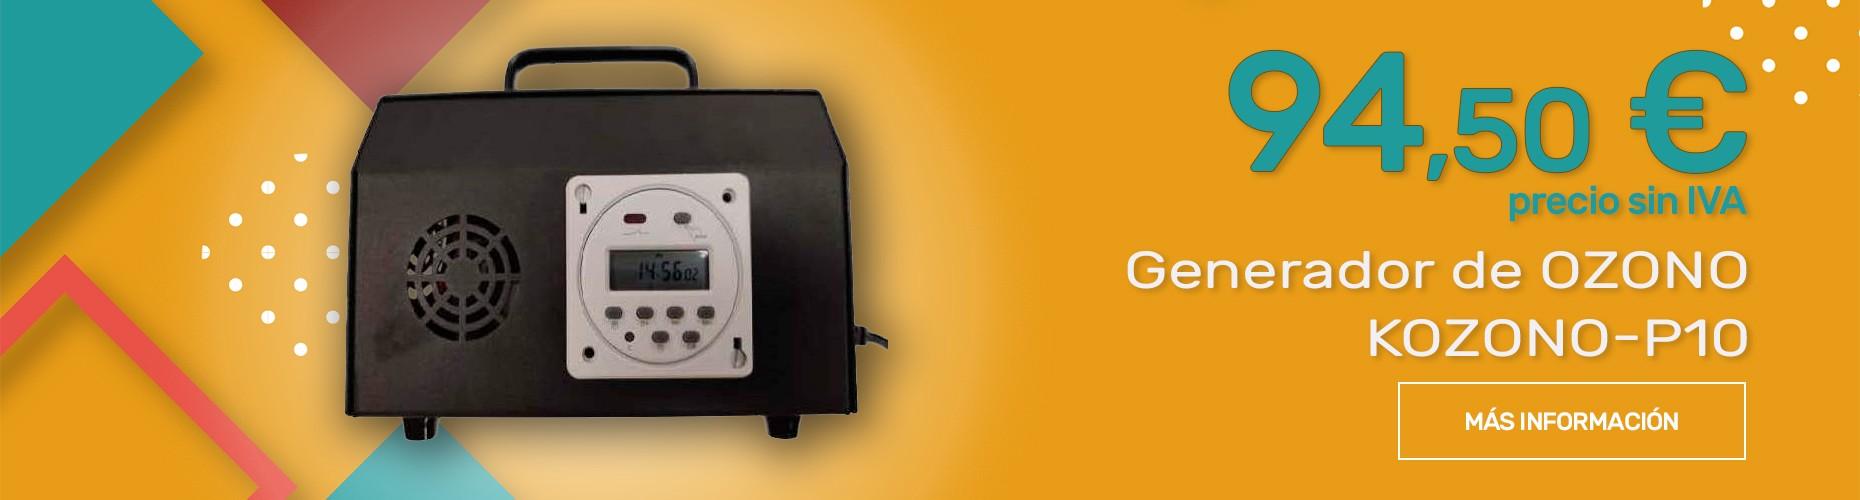 Generador de OZONO KONONO-P10